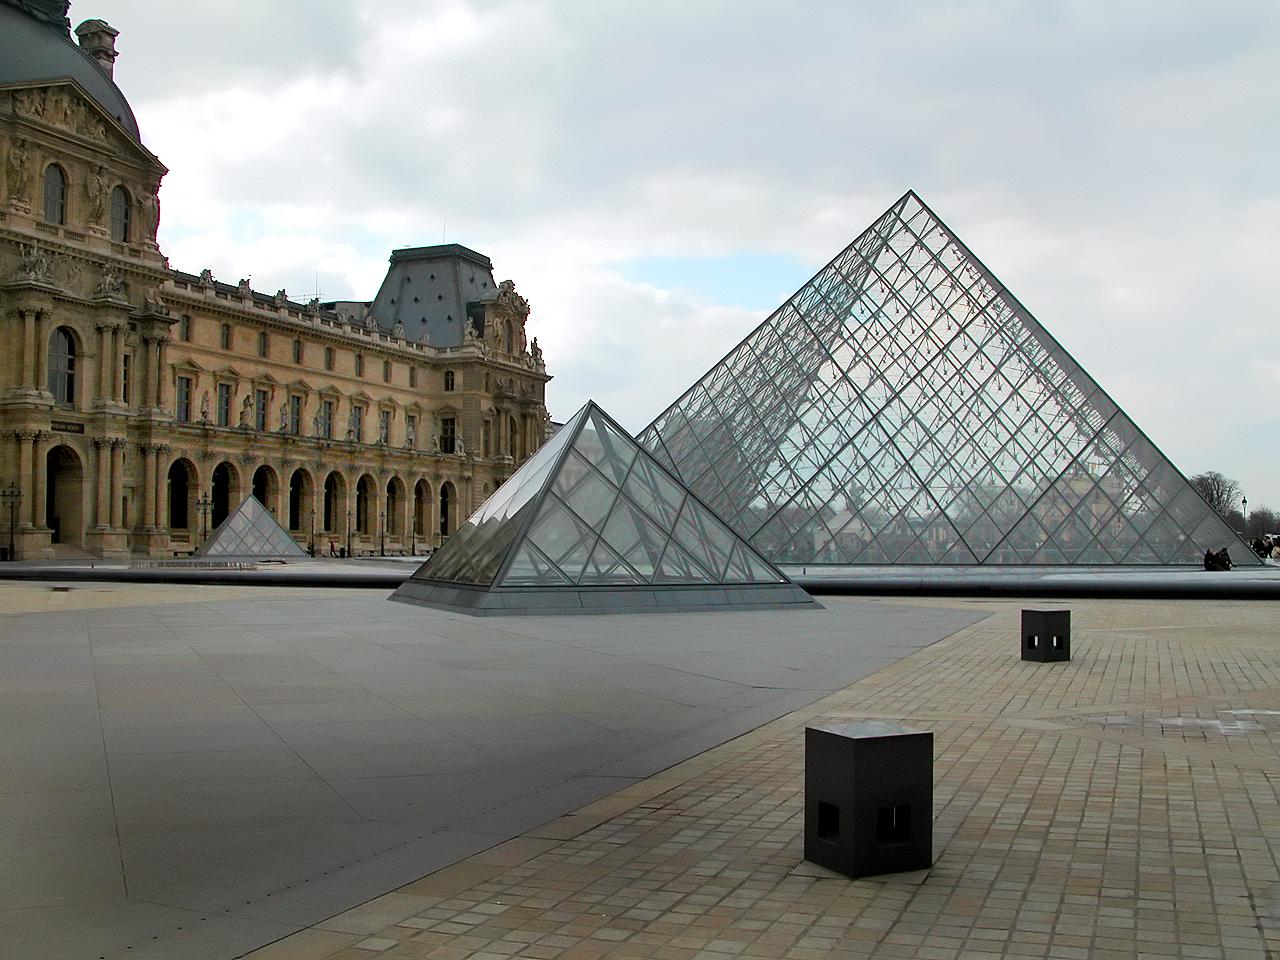 Le mus e du louvre vu par artips les petits frenchies - Pyramide du louvre pei ...